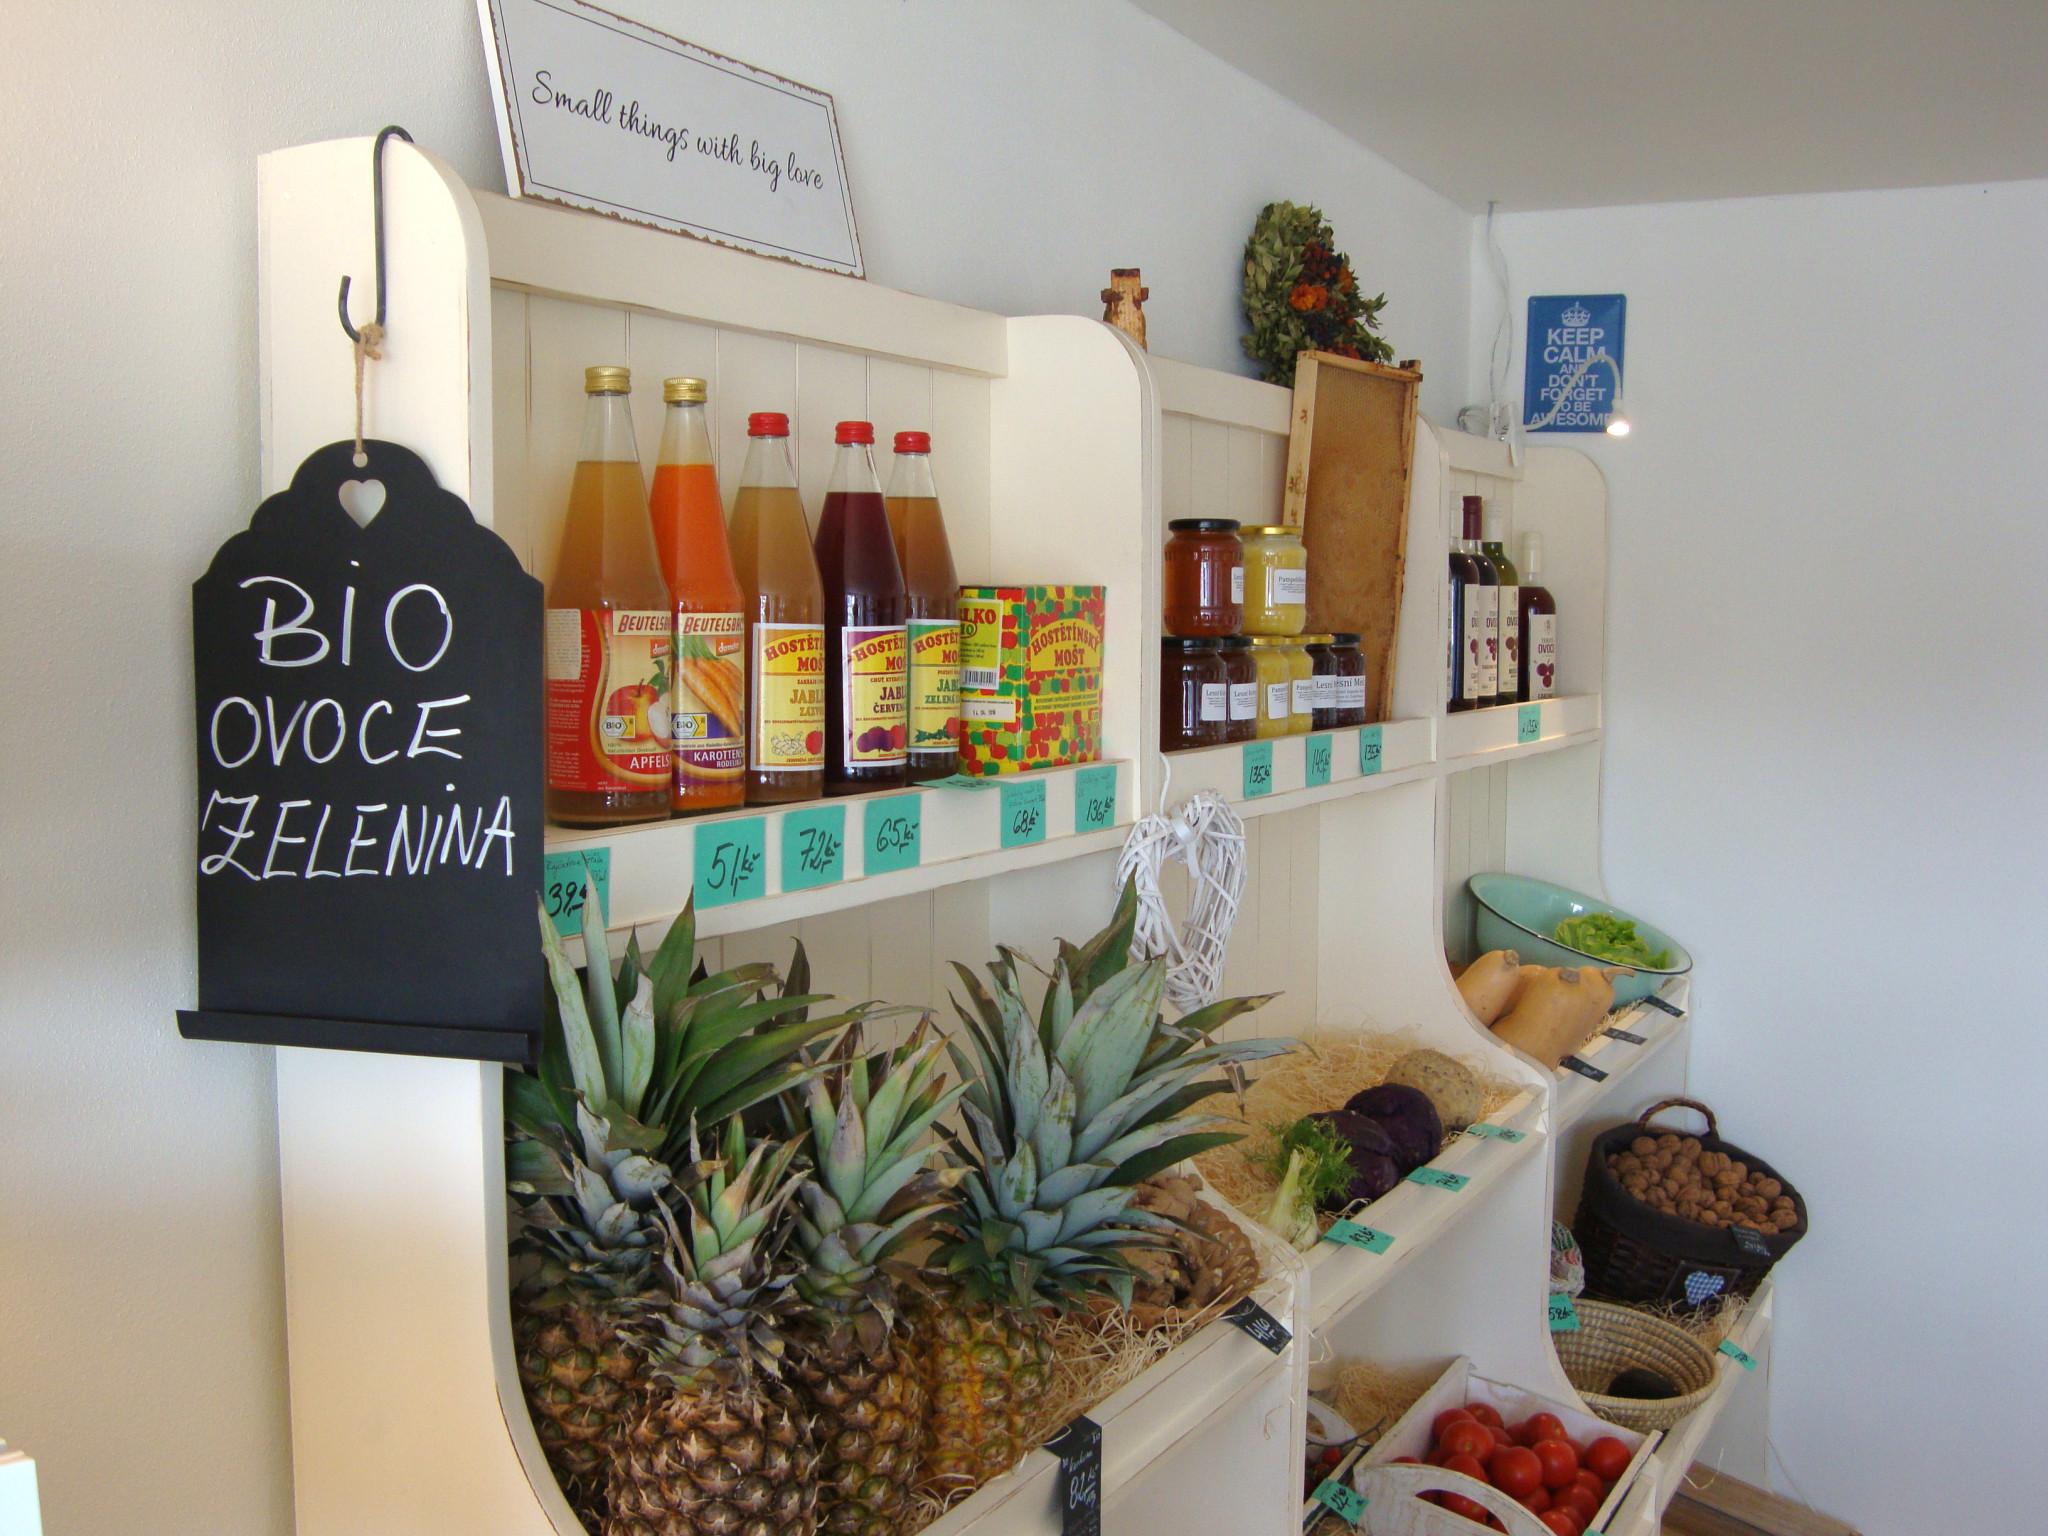 HERBIVORE_bio_ovoce_zelenina